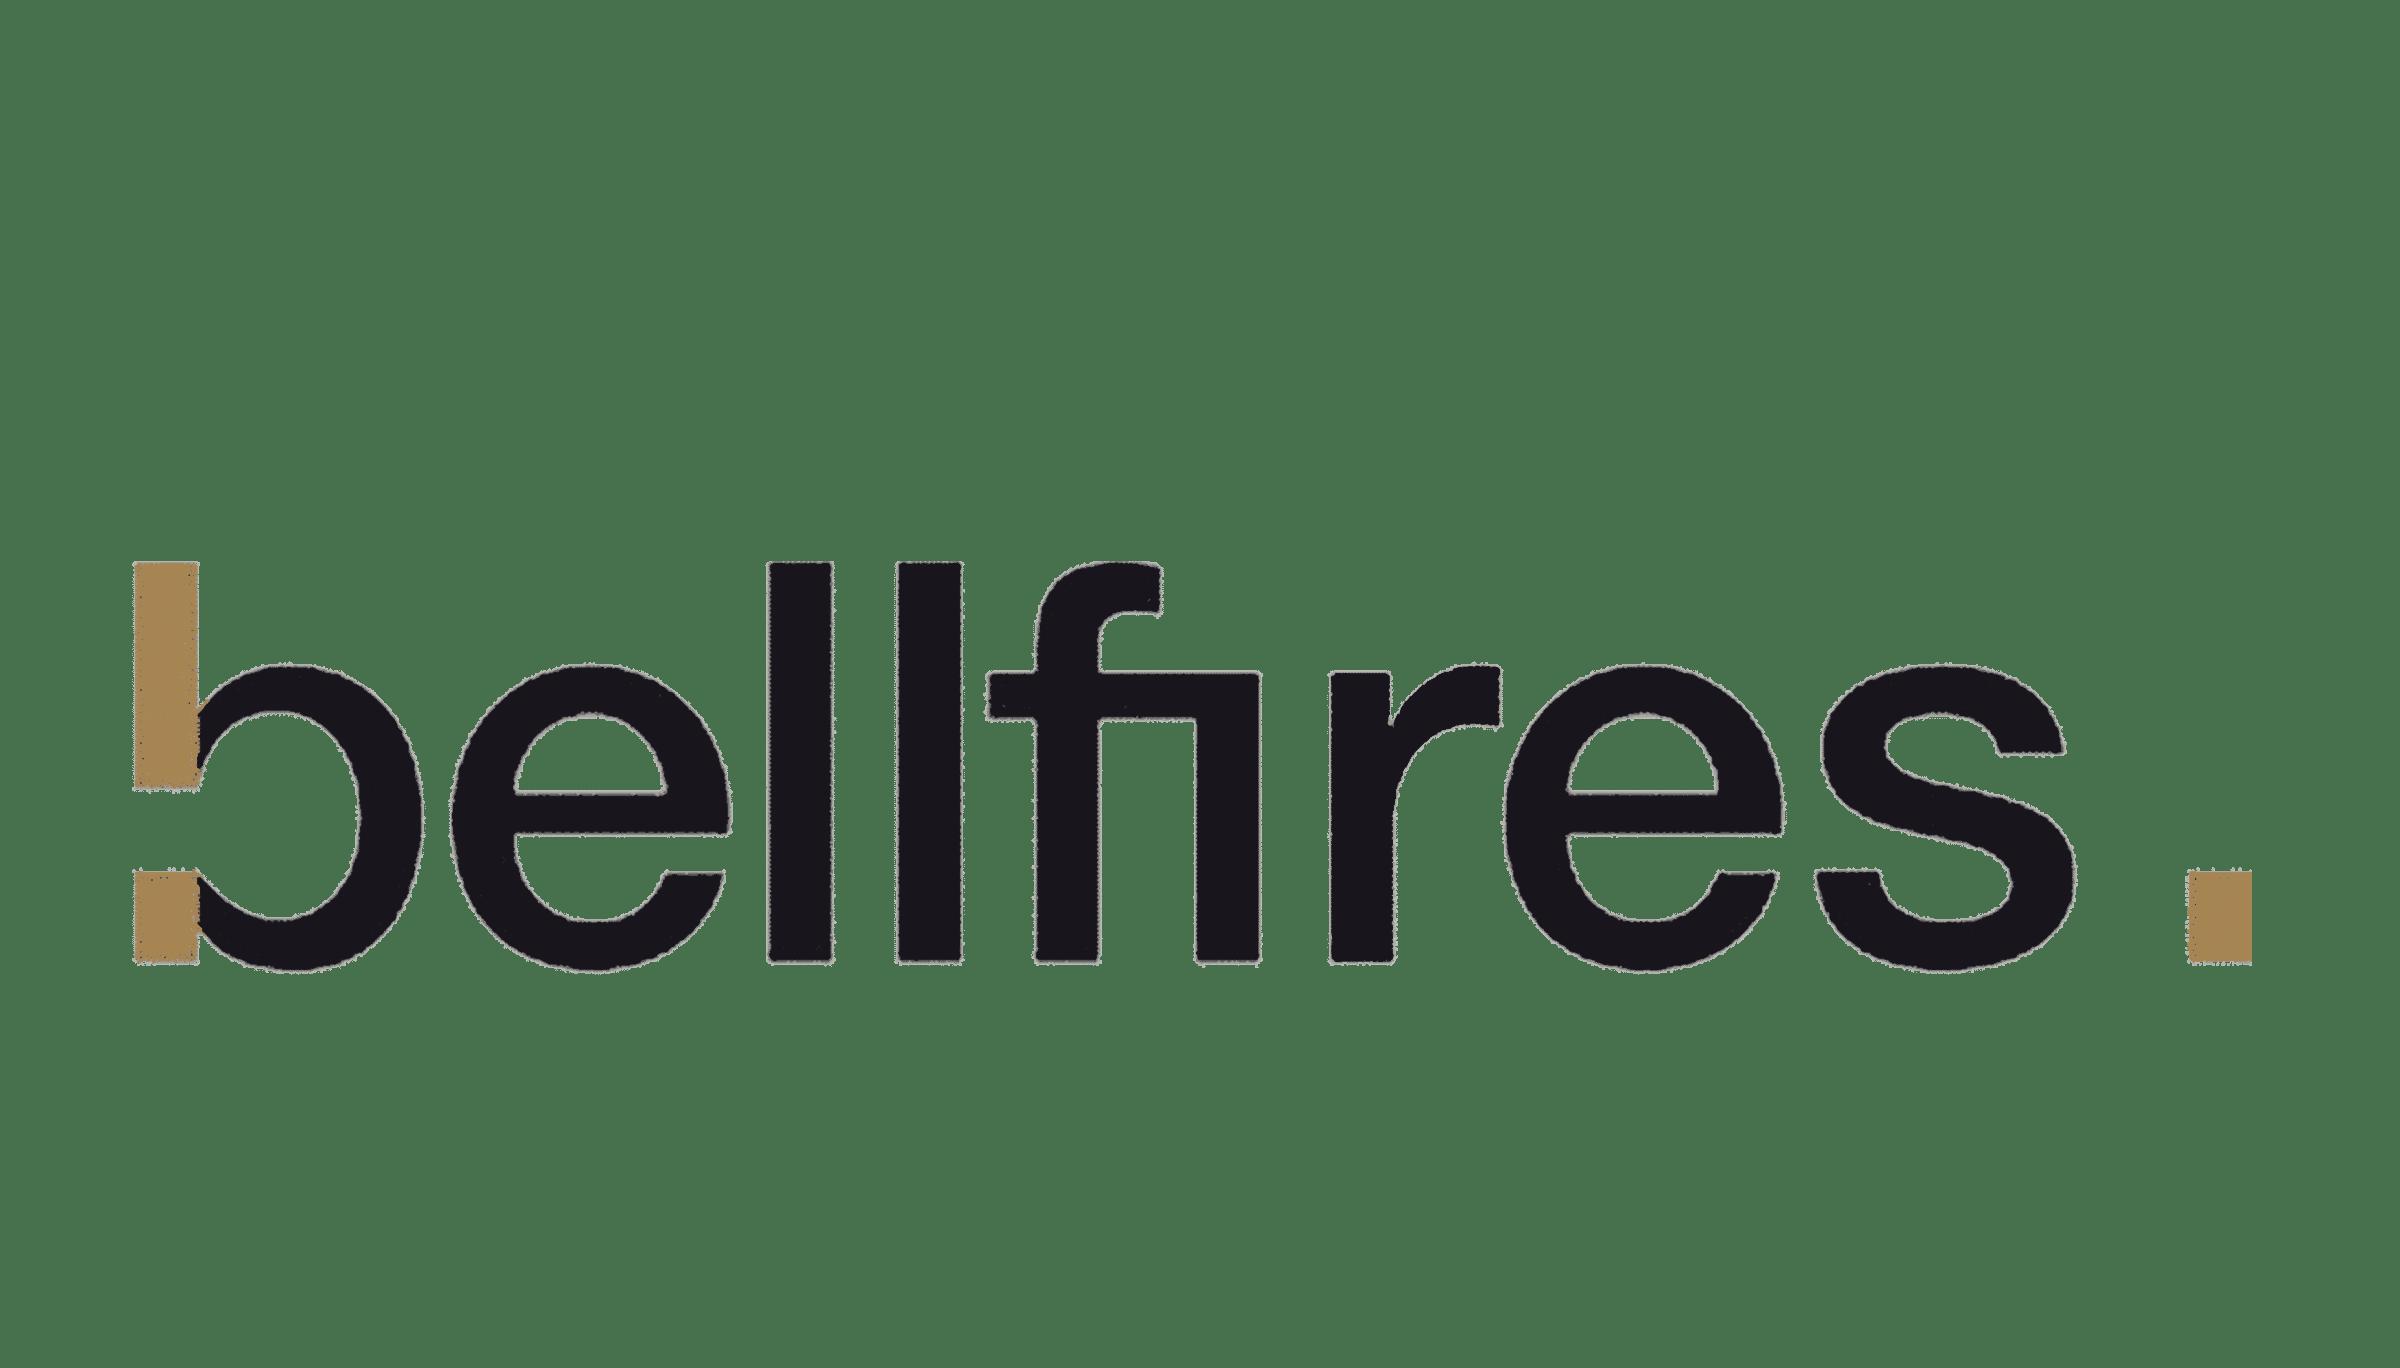 bellfires logo